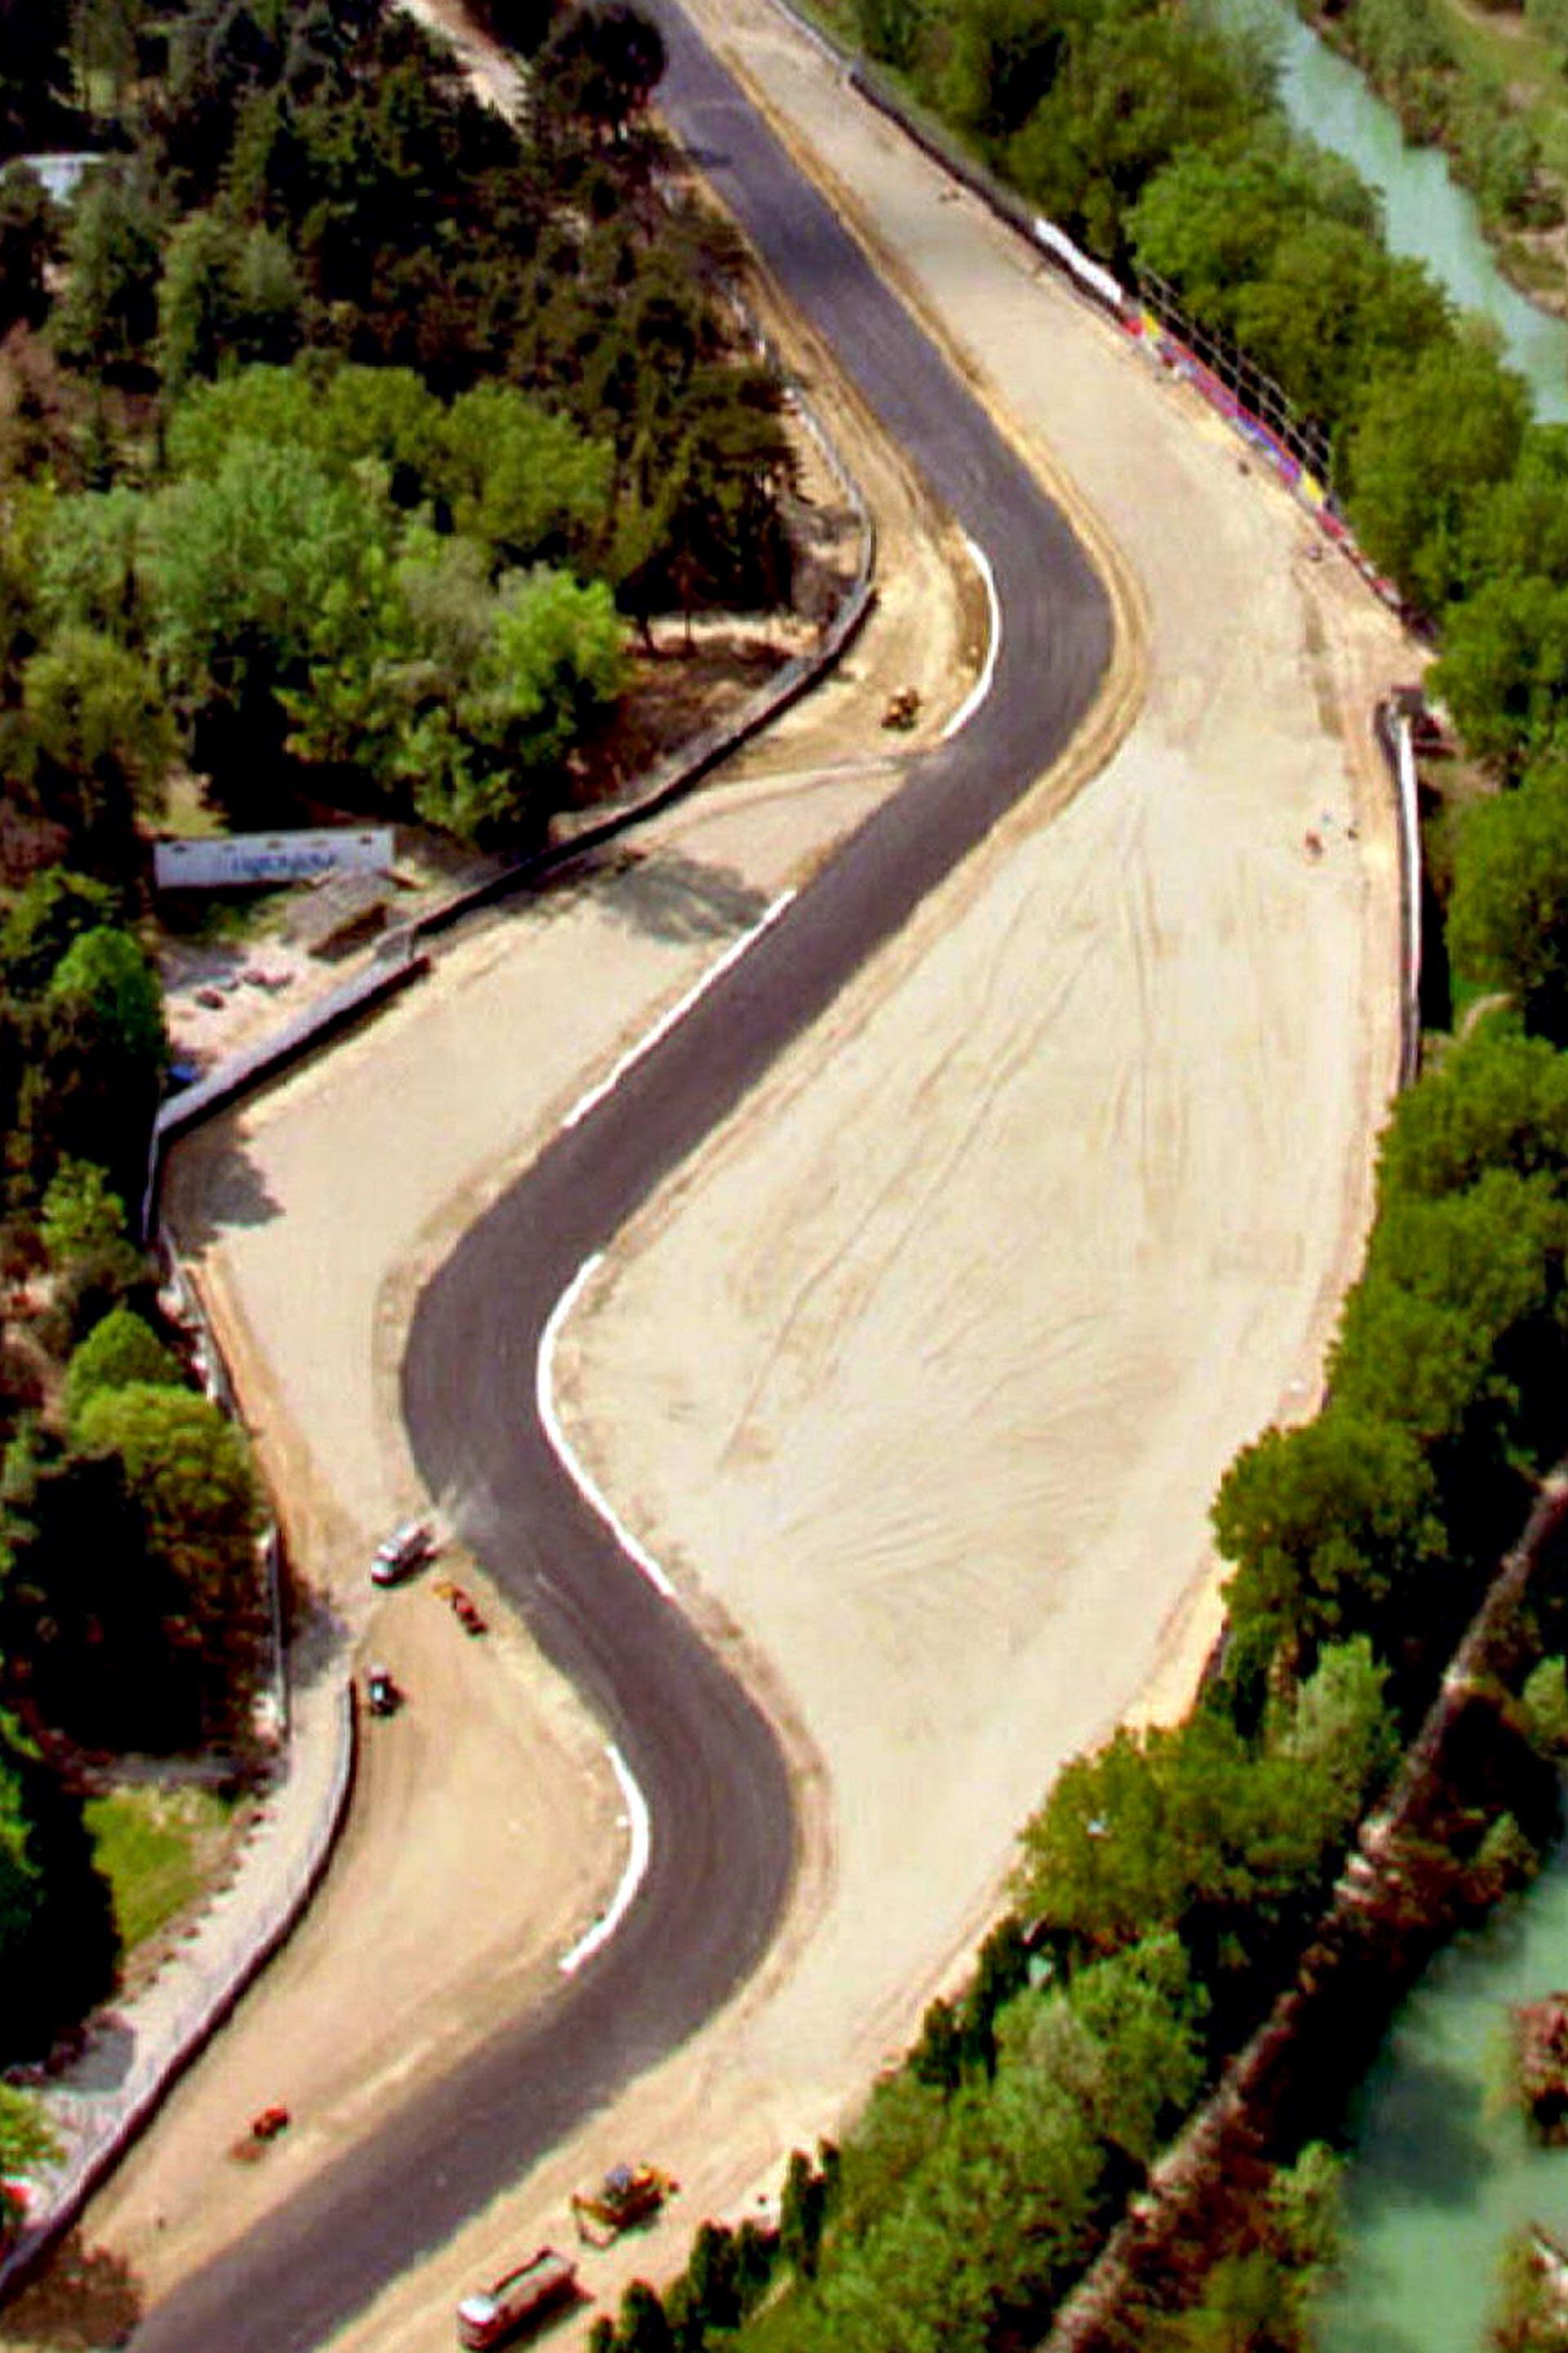 La curva de Tamburello en la pista de carreras de Imola en Italia, donde el piloto brasileño se estrelló y murió durante el Grand Prix de San Marino de 1994